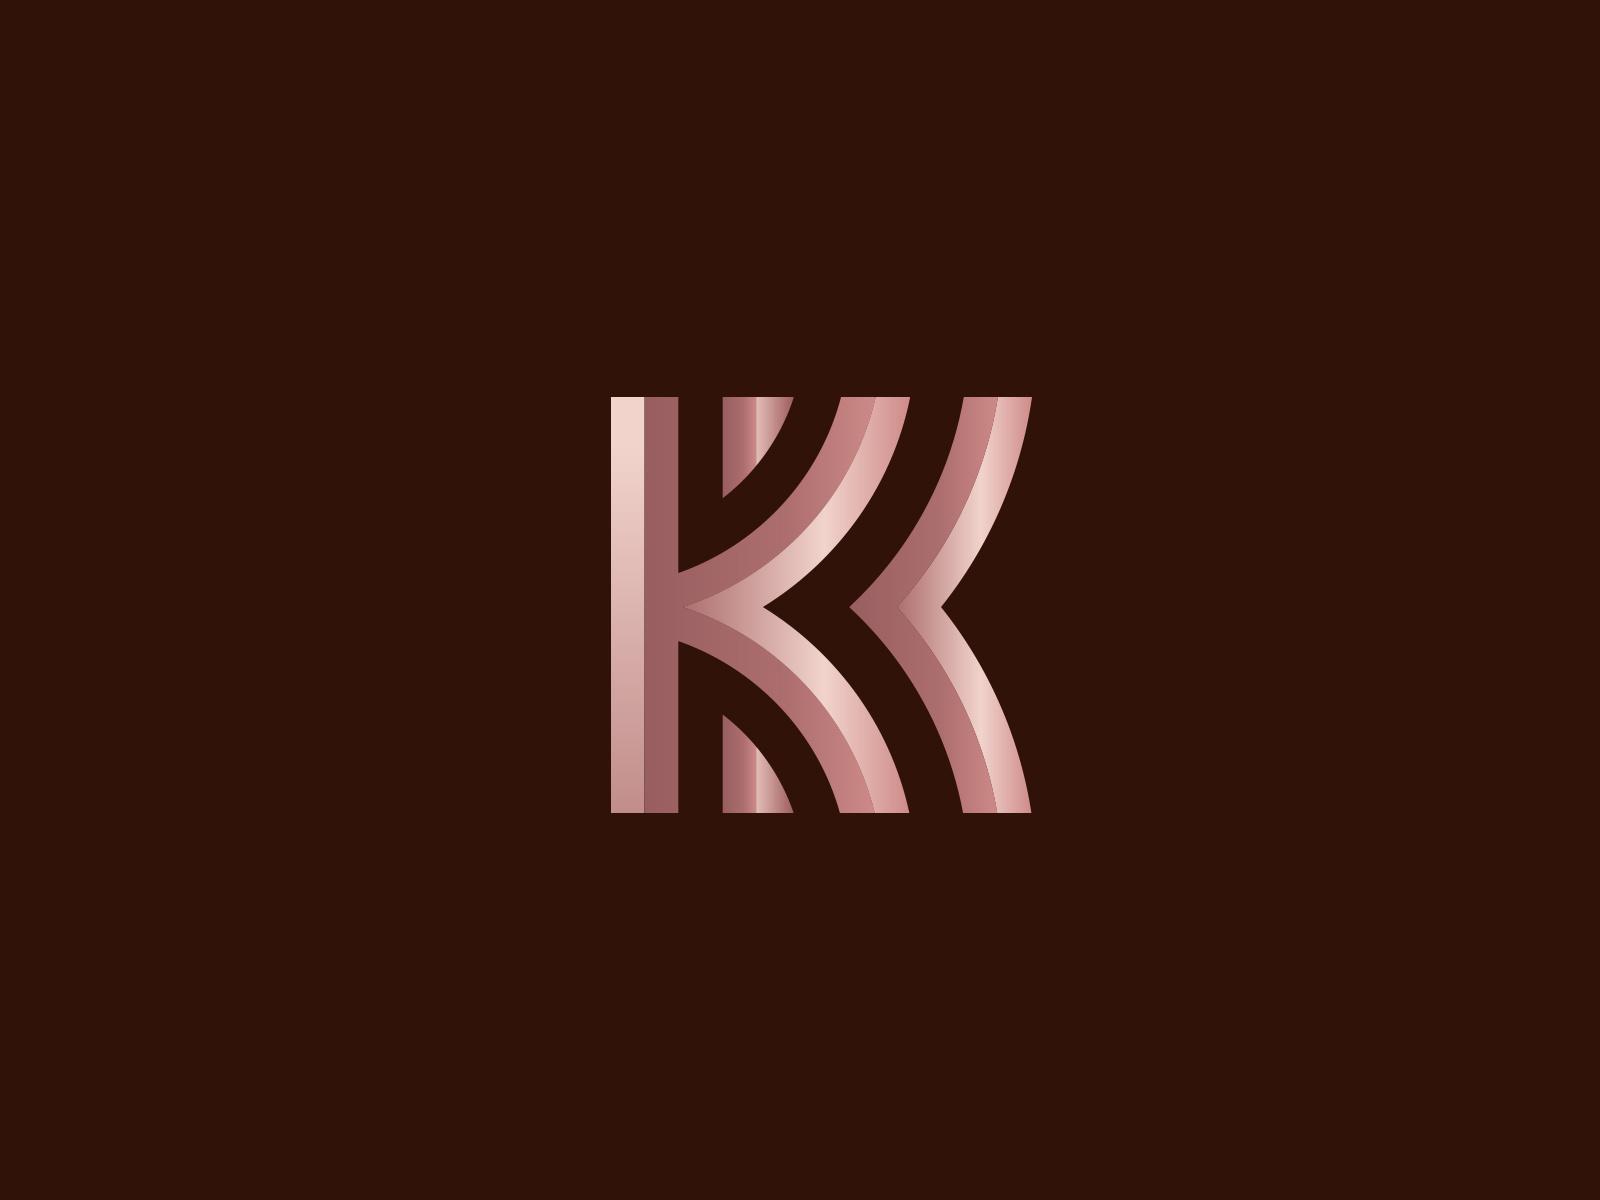 KK by Logo Designer, Vick Ben on Dribbble.